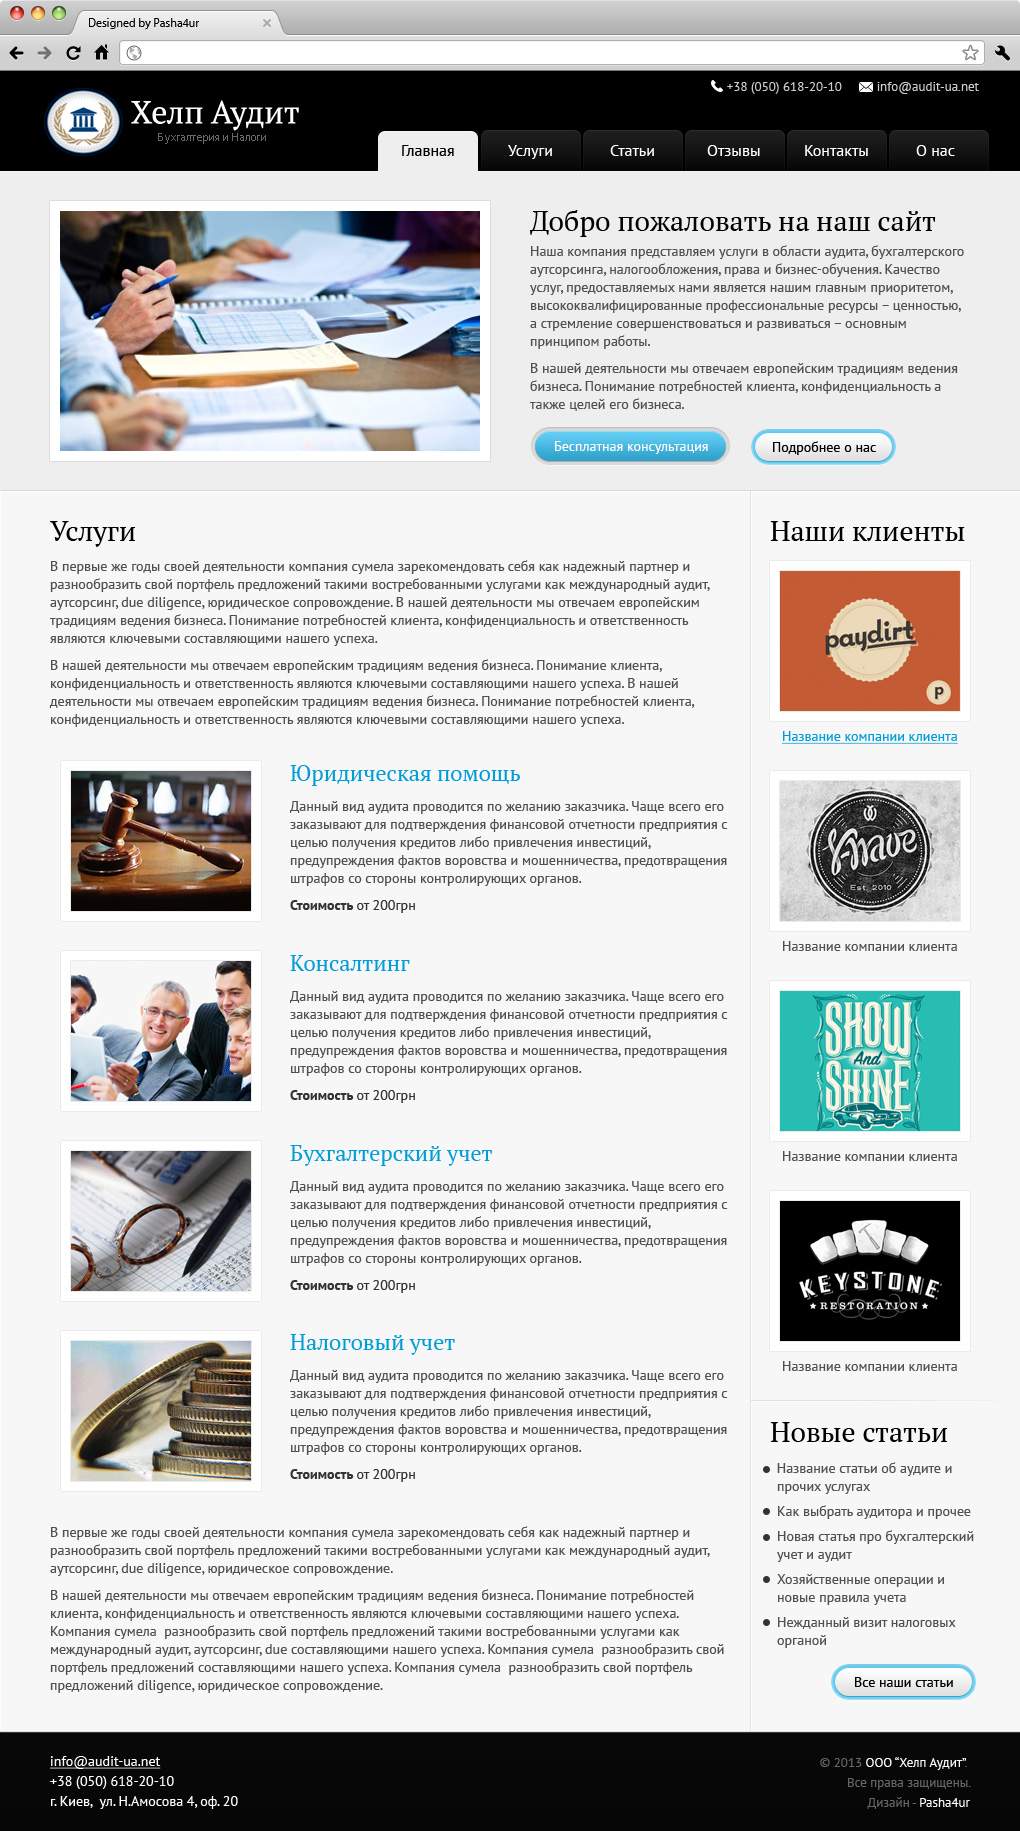 Дизайн сайта это